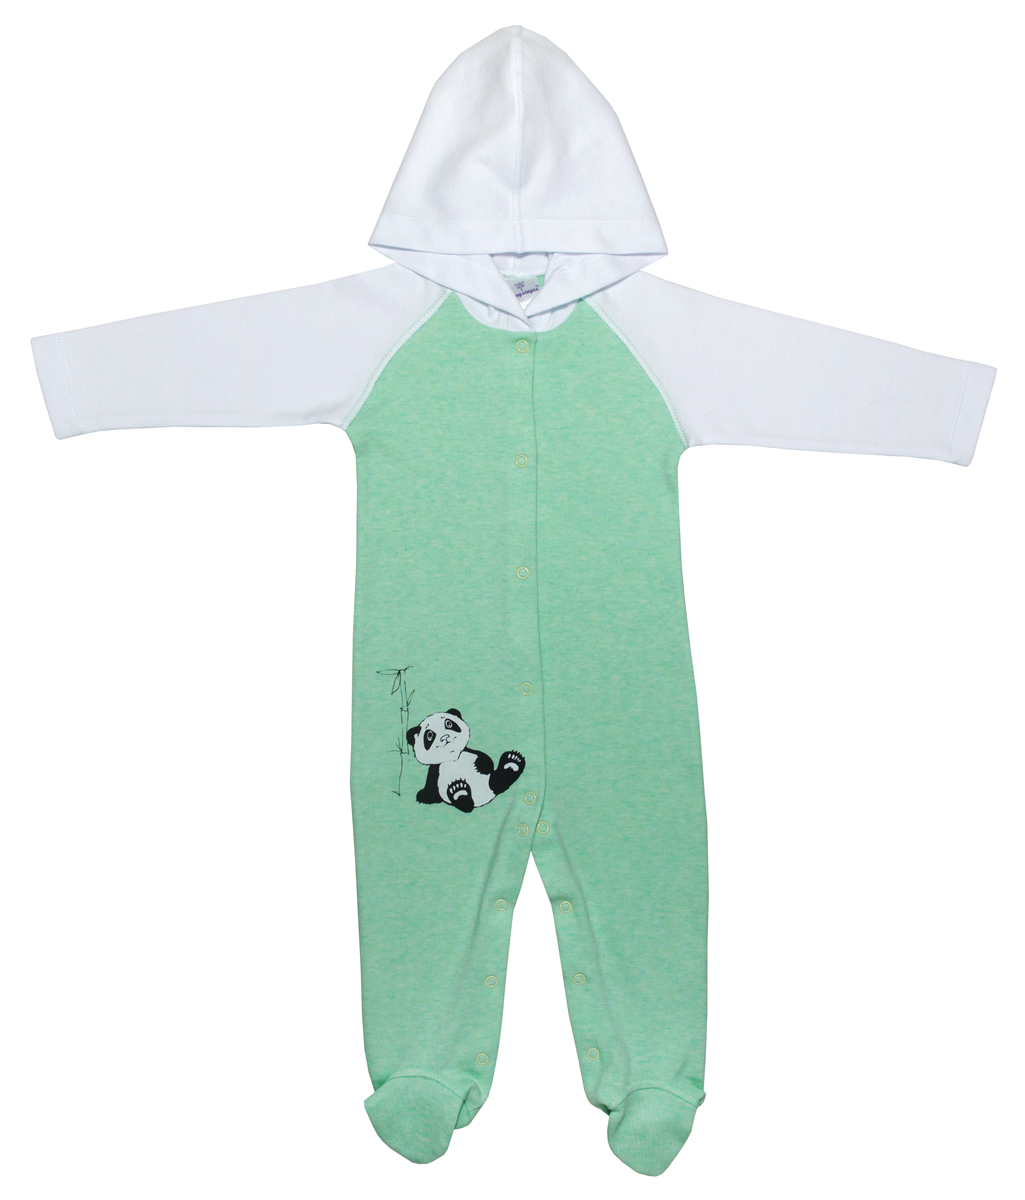 Комбинезон домашний для мальчика Мамуляндия Панда, цвет: белый, зеленый. 17-902. Размер 8017-902